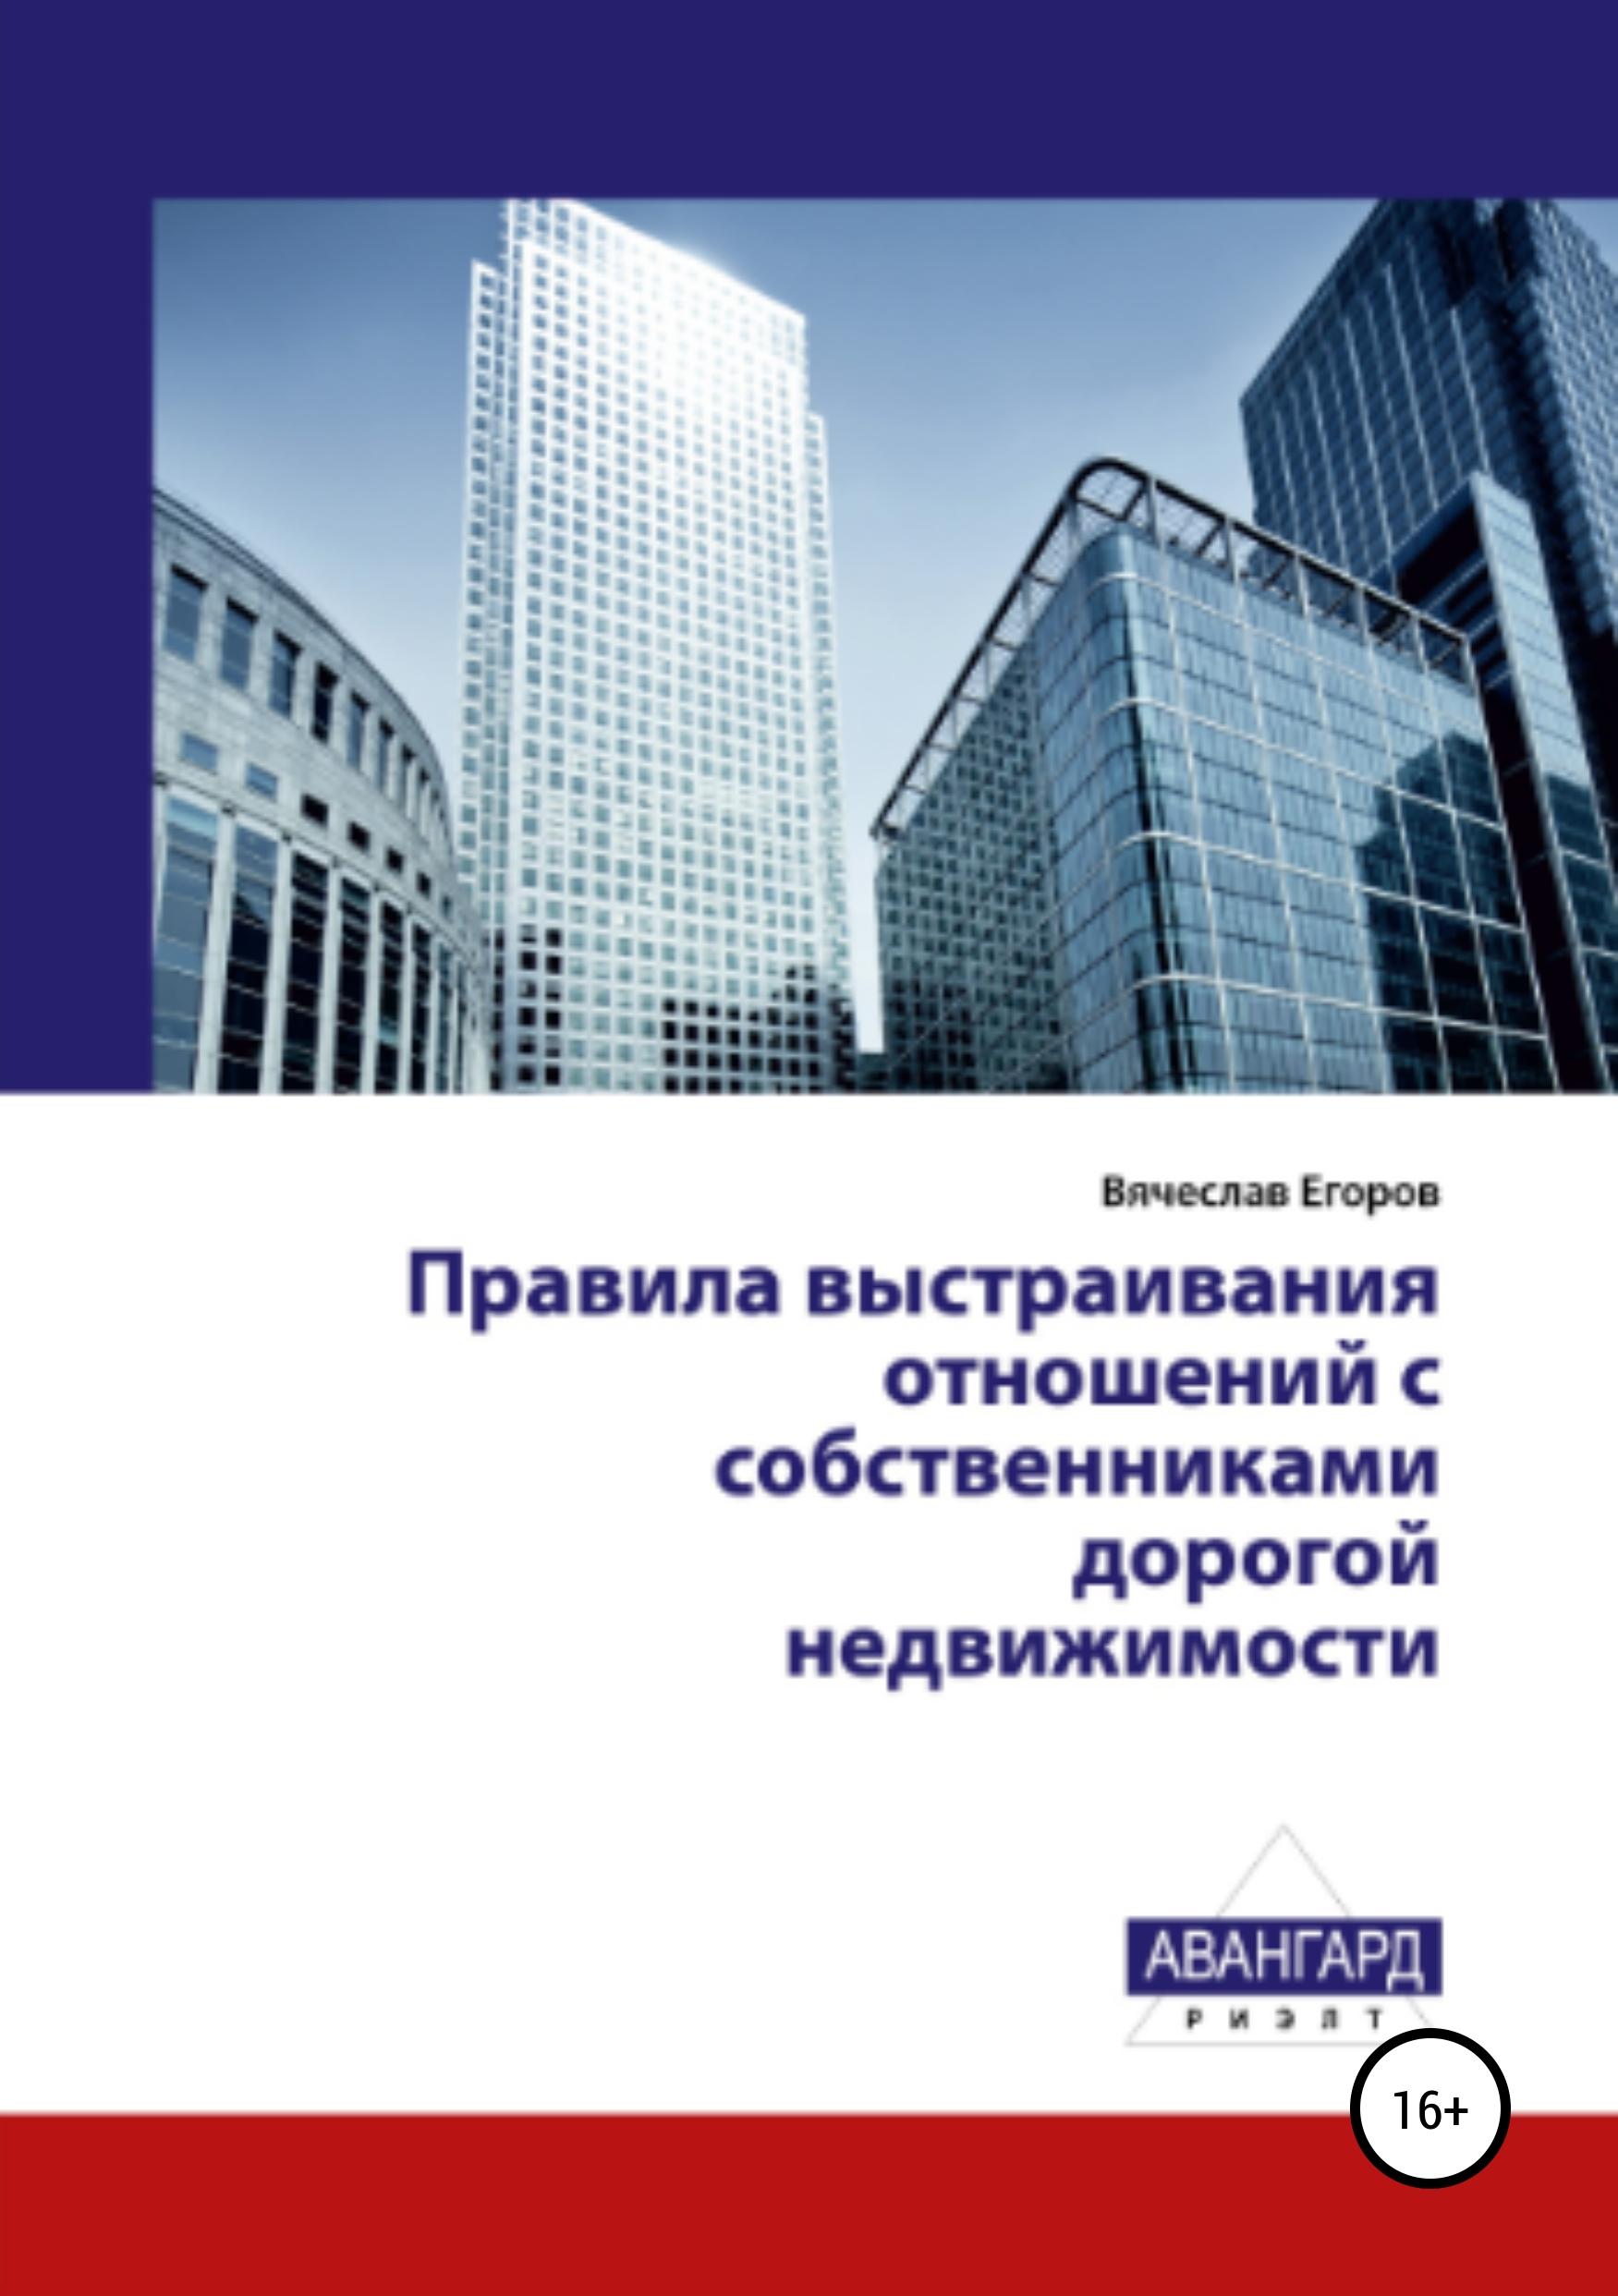 Обложка книги. Автор - Вячеслав Егоров